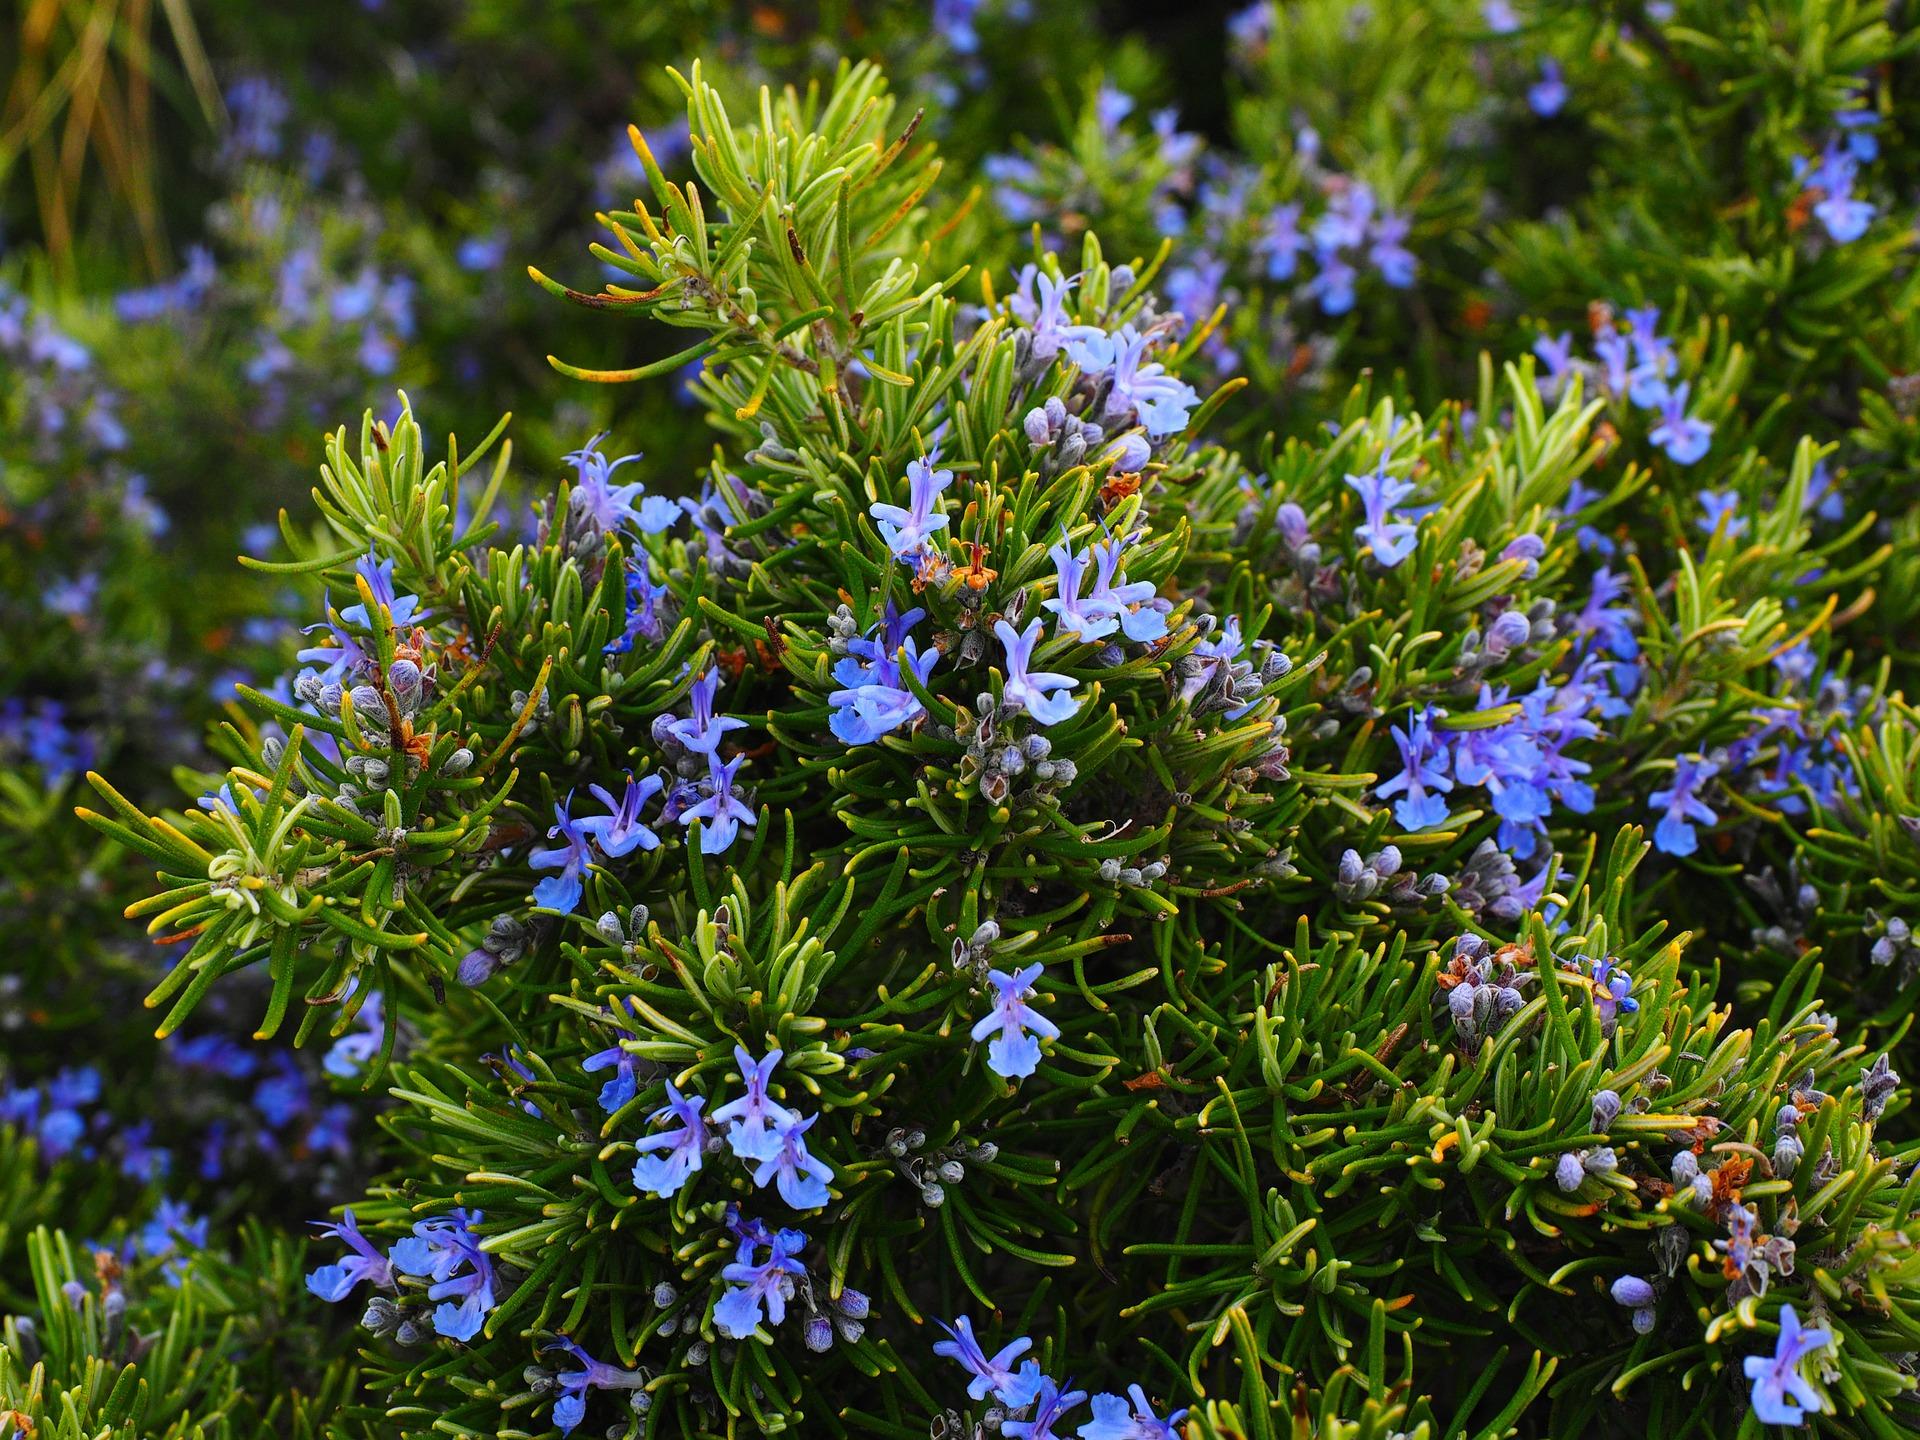 alecrim com flores azuis - como controlar pragas em uma horta